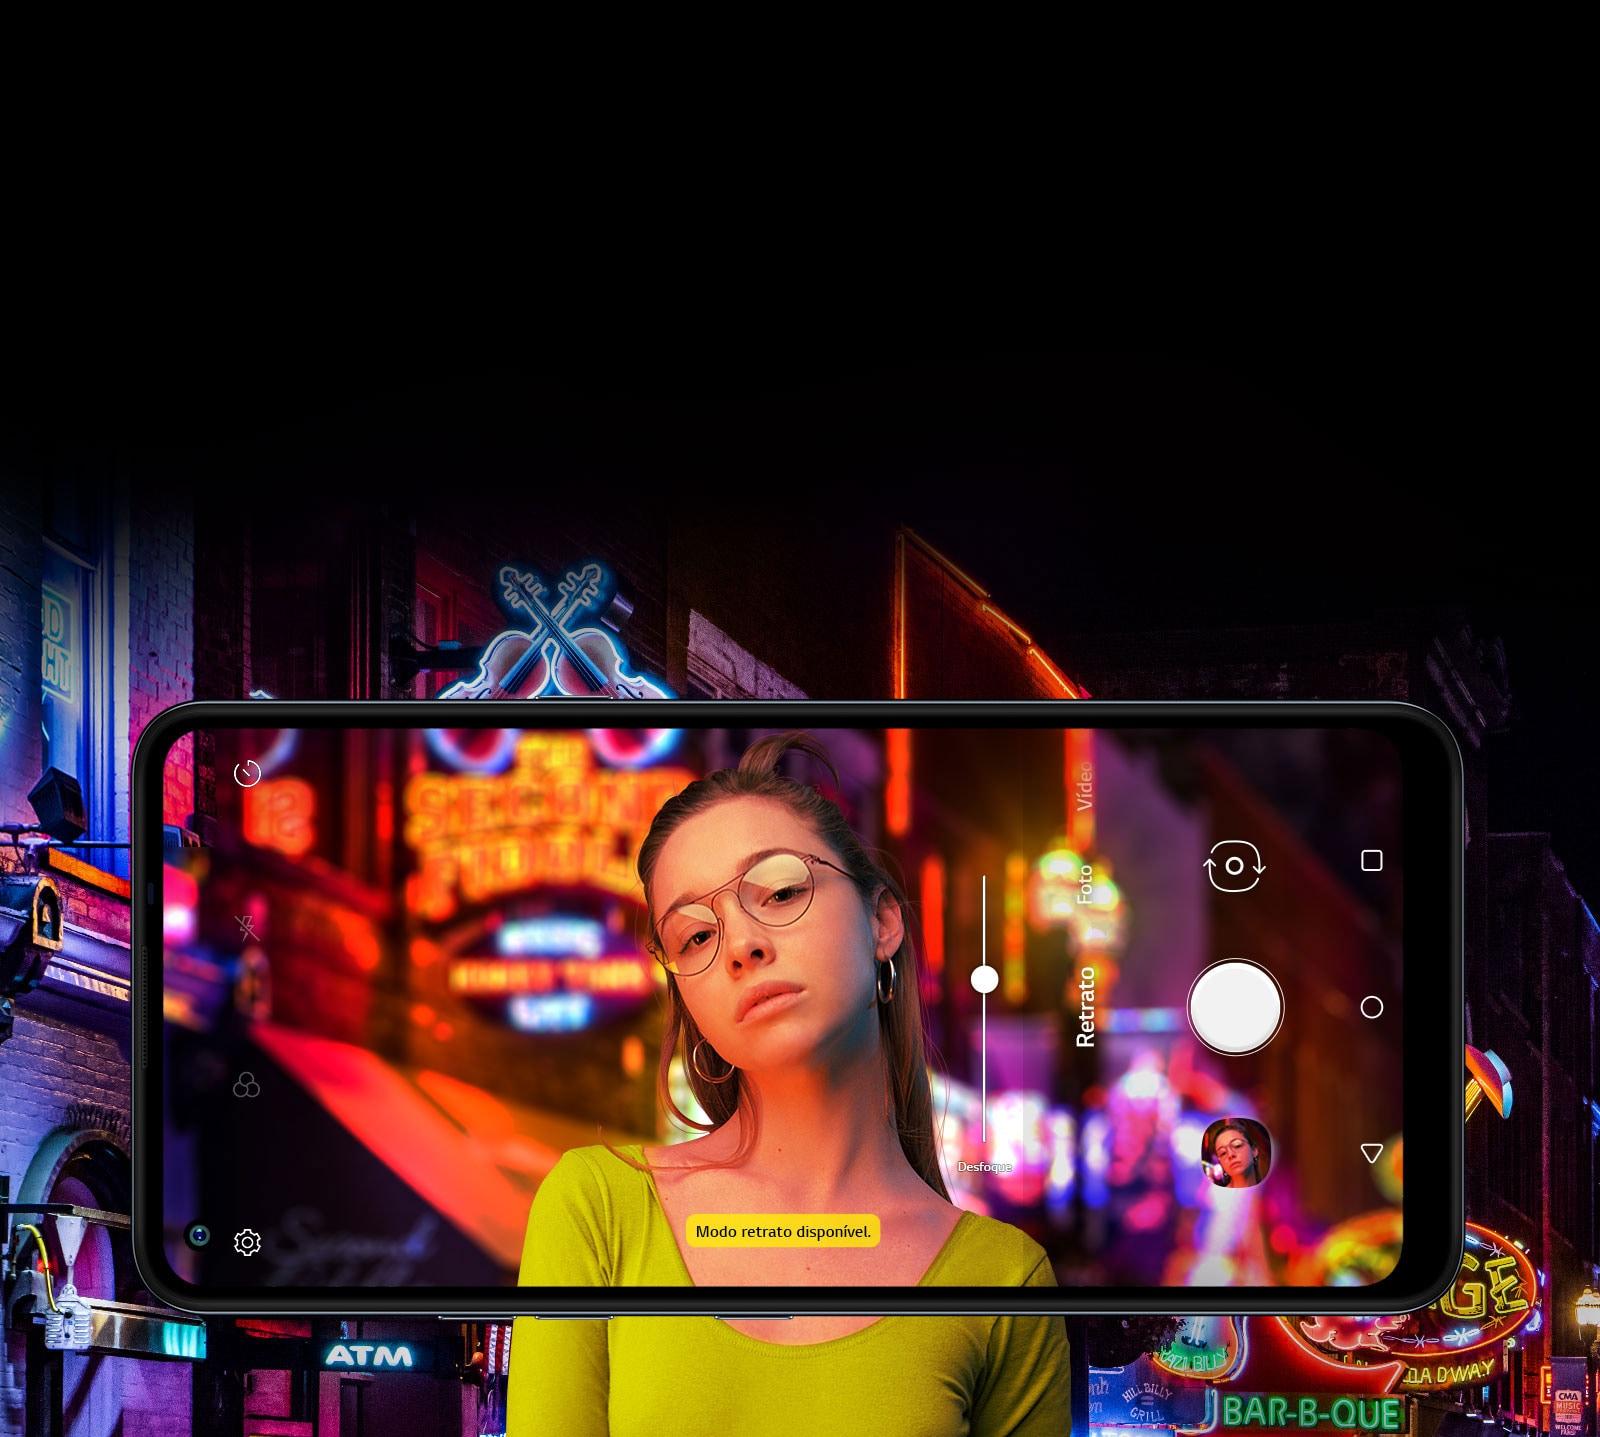 Mulher a tirar selfie tendo ao fundo uma rua repleta de letreiros de neon